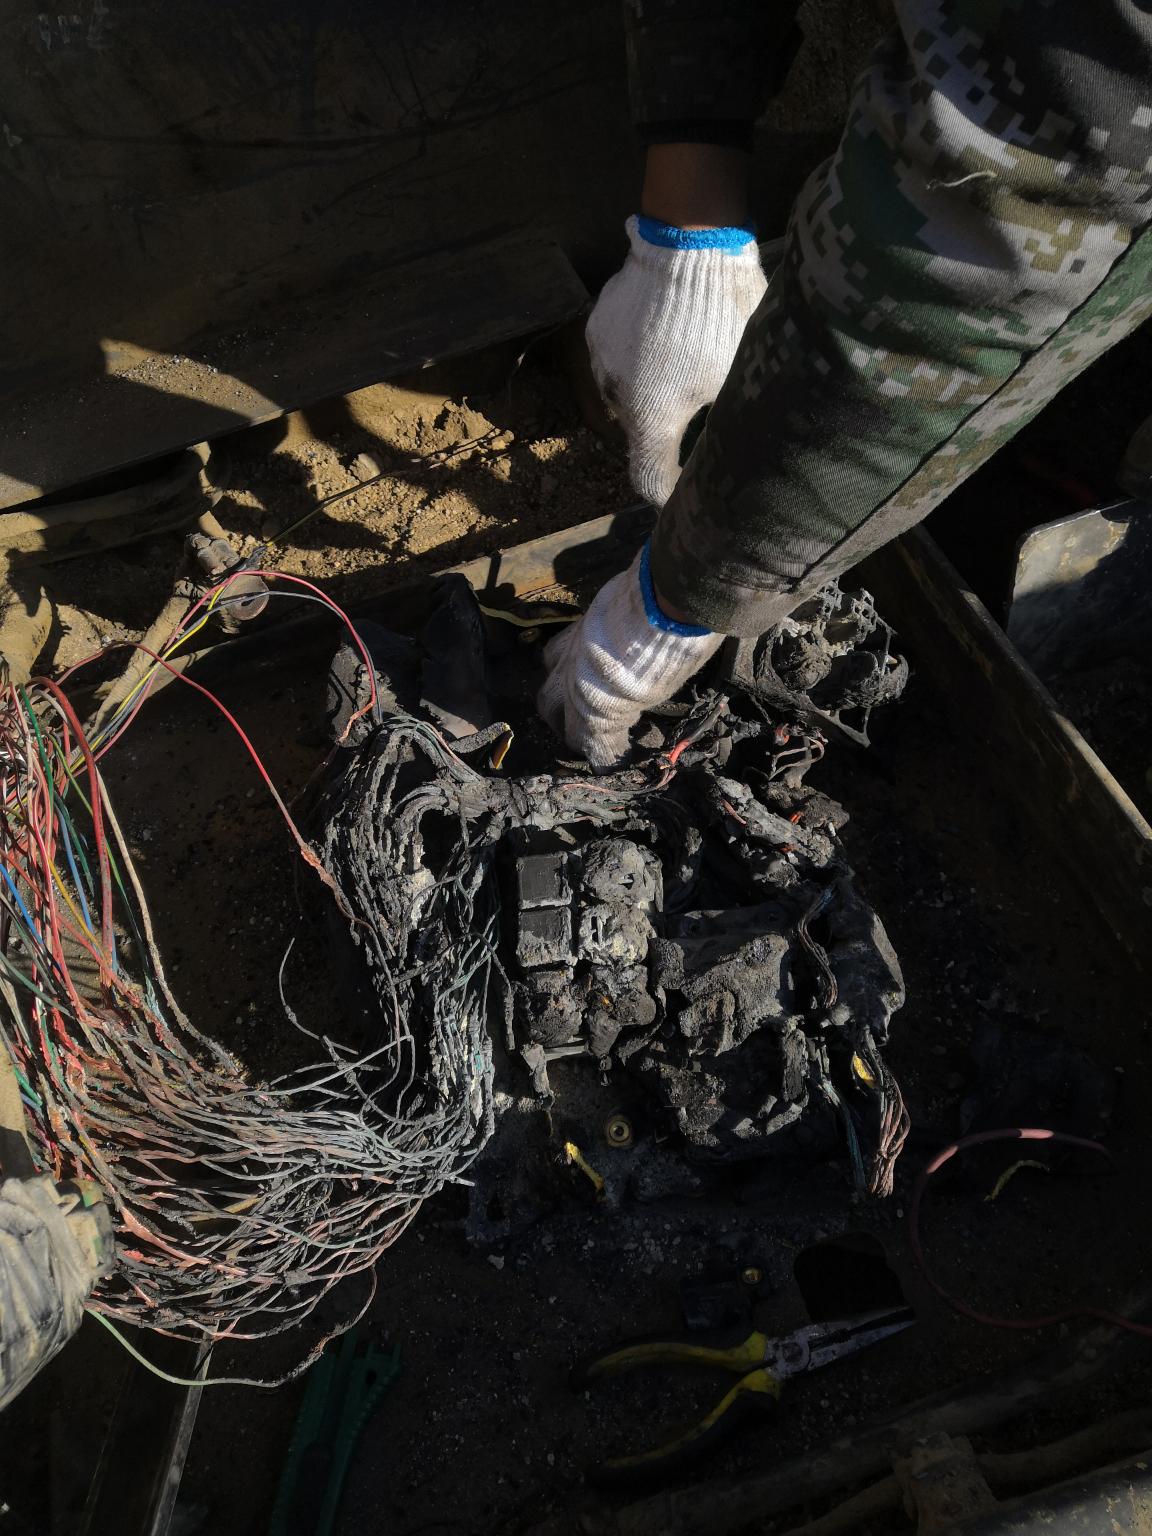 沃尔沃290B的继电器盒附近线路起火